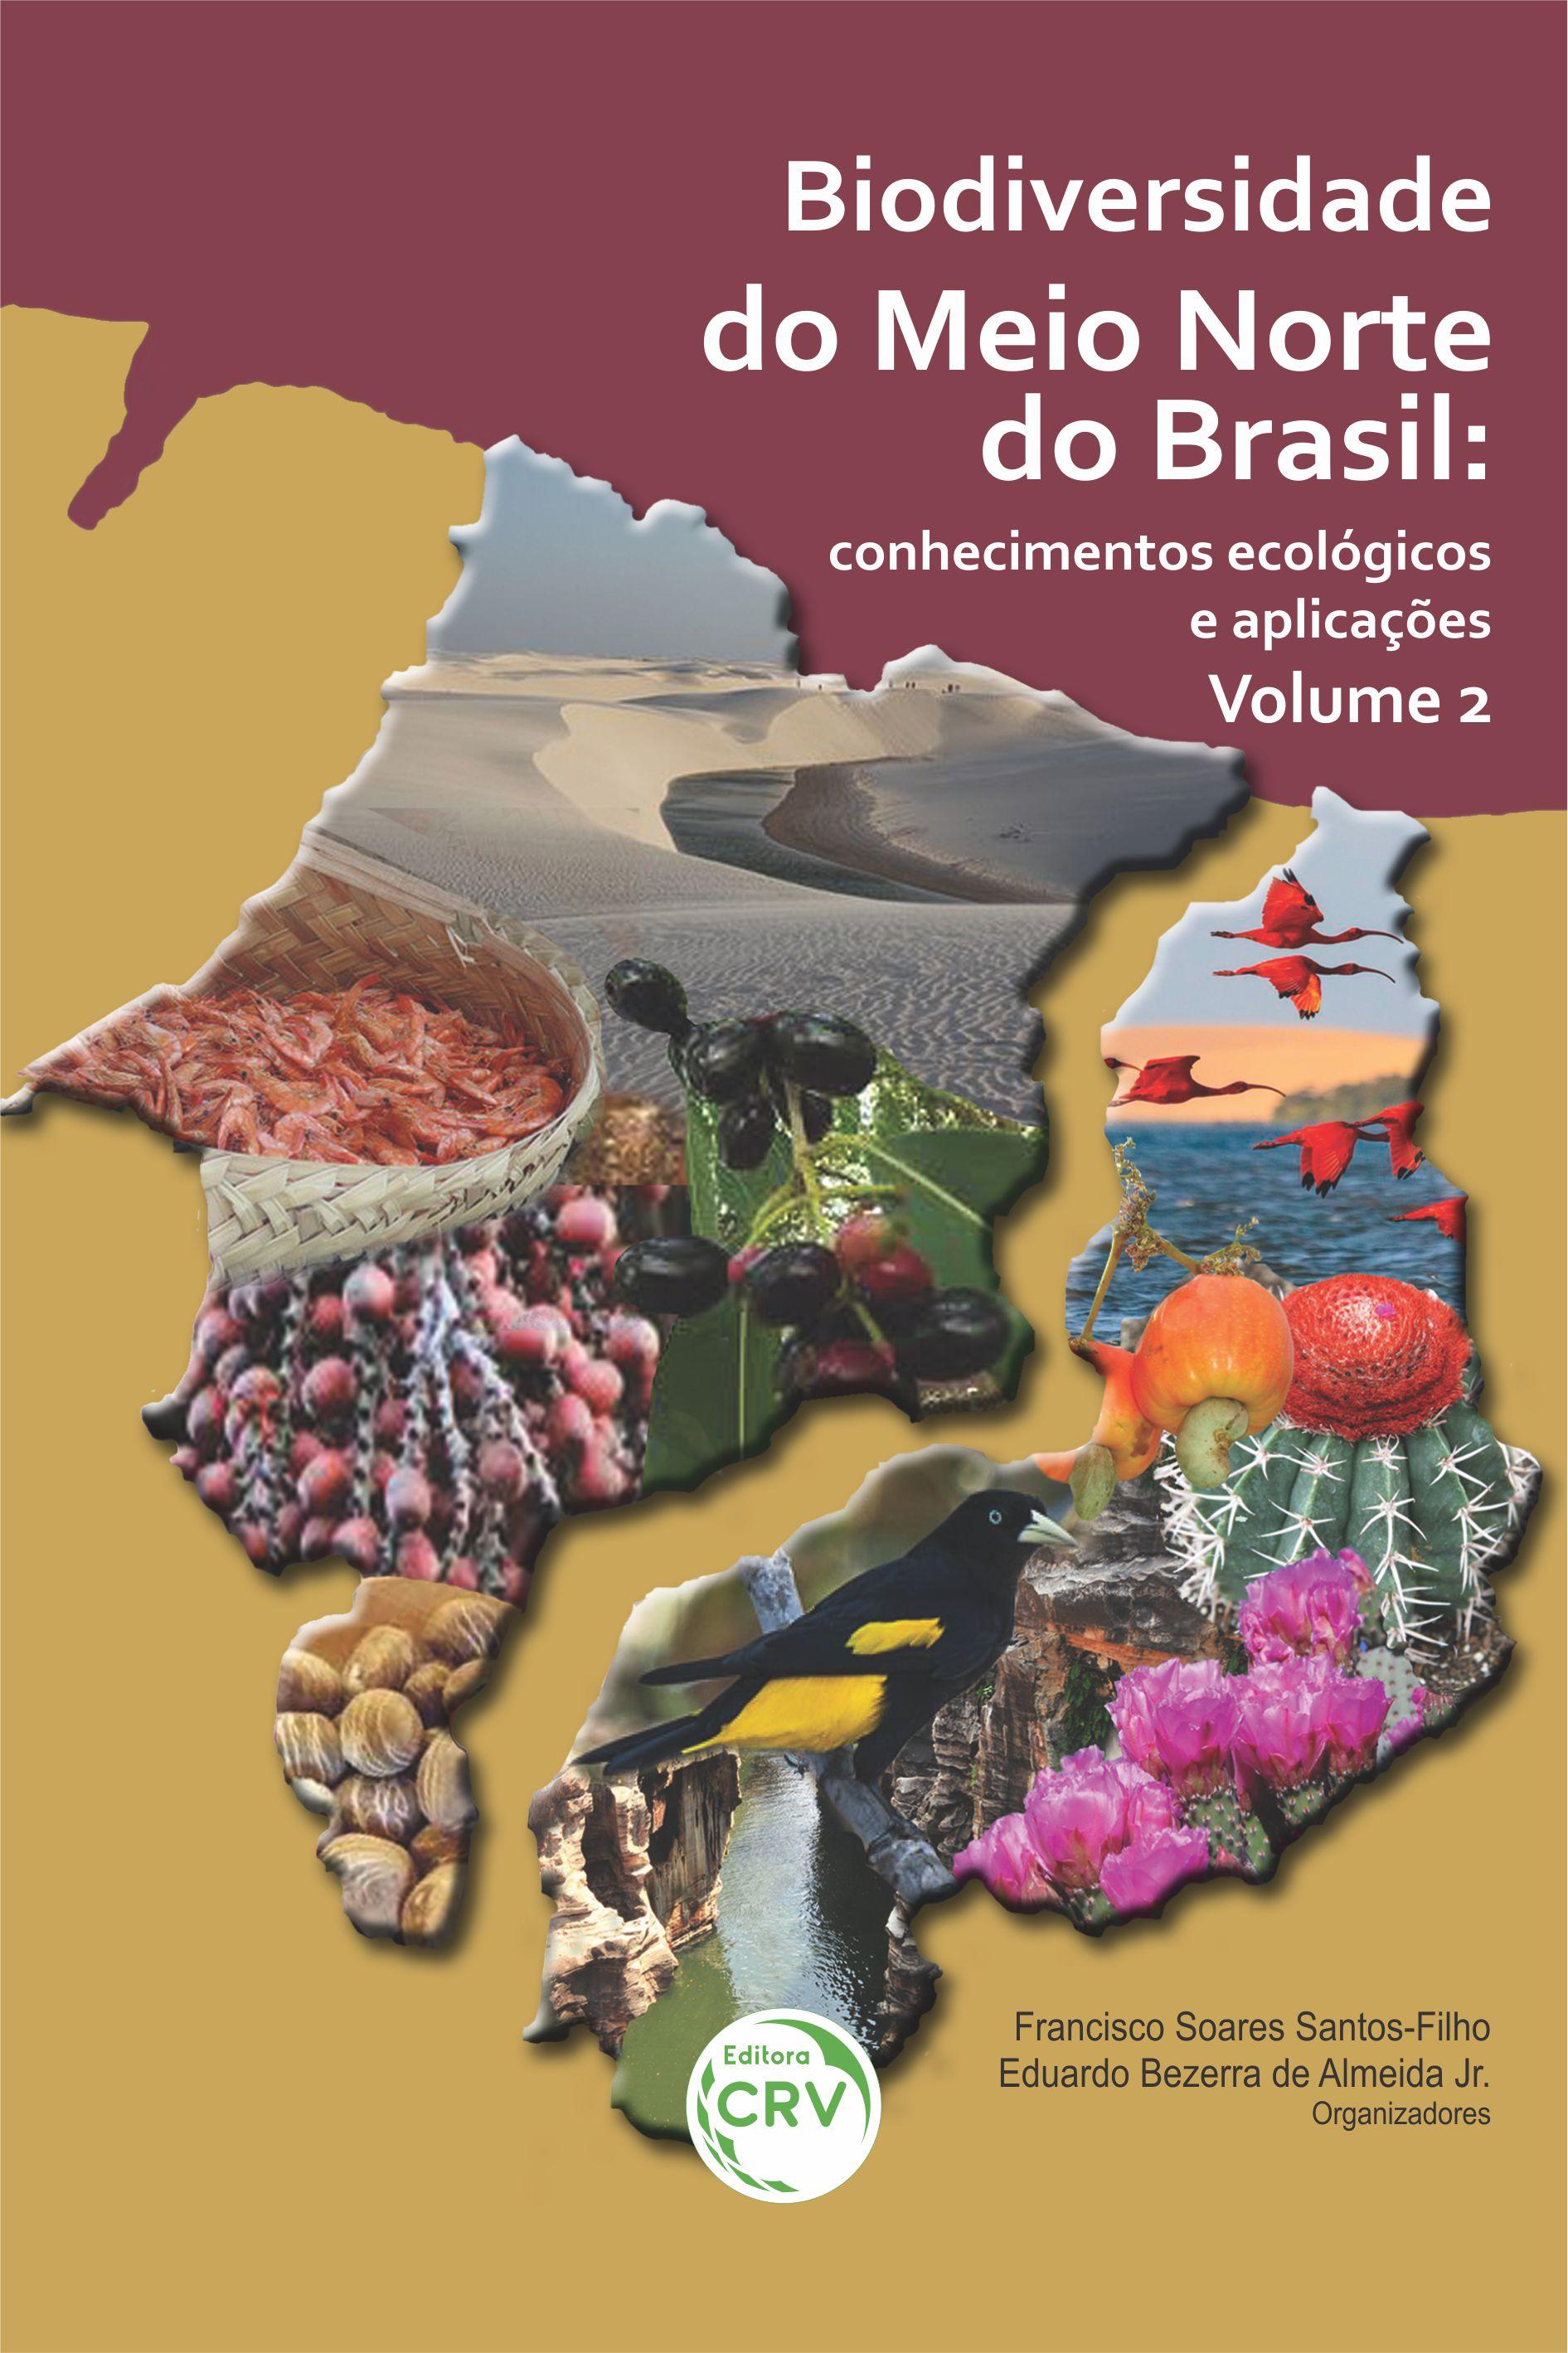 Capa do livro: BIODIVERSIDADE DO MEIO NORTE DO BRASIL: <br>conhecimentos ecológicos e aplicações Volume 2